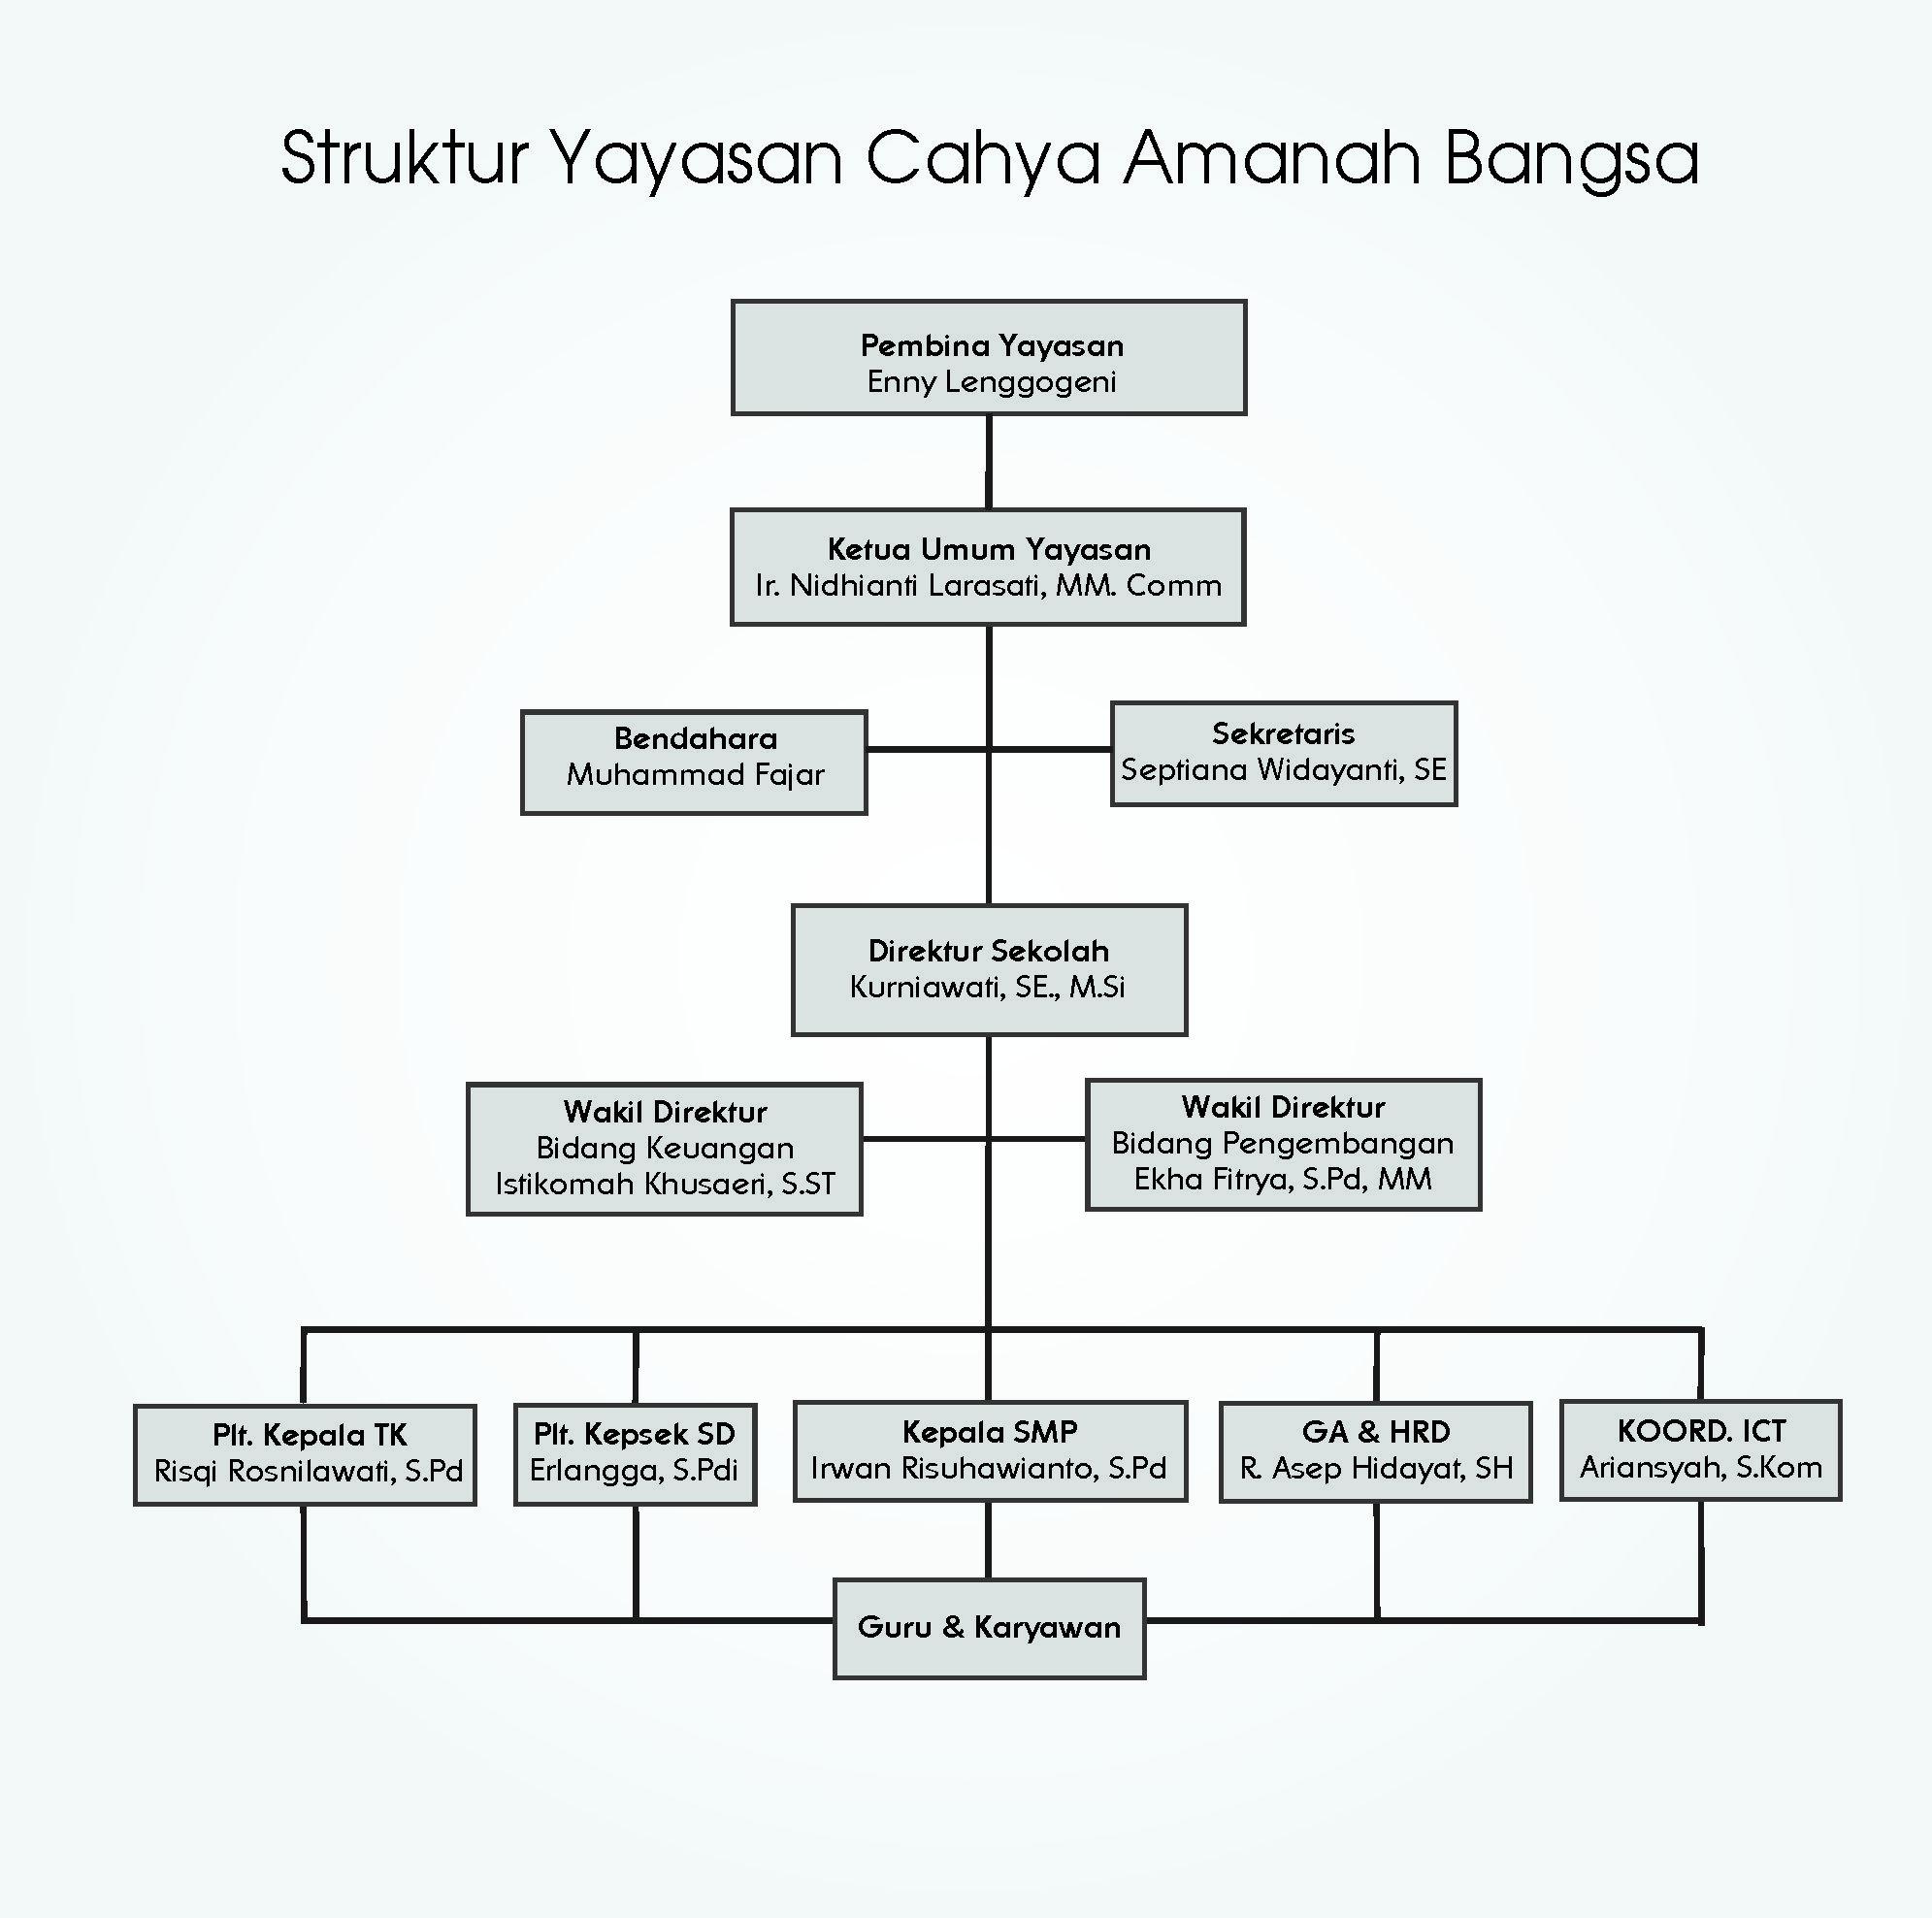 Ycab, cahya, amanah